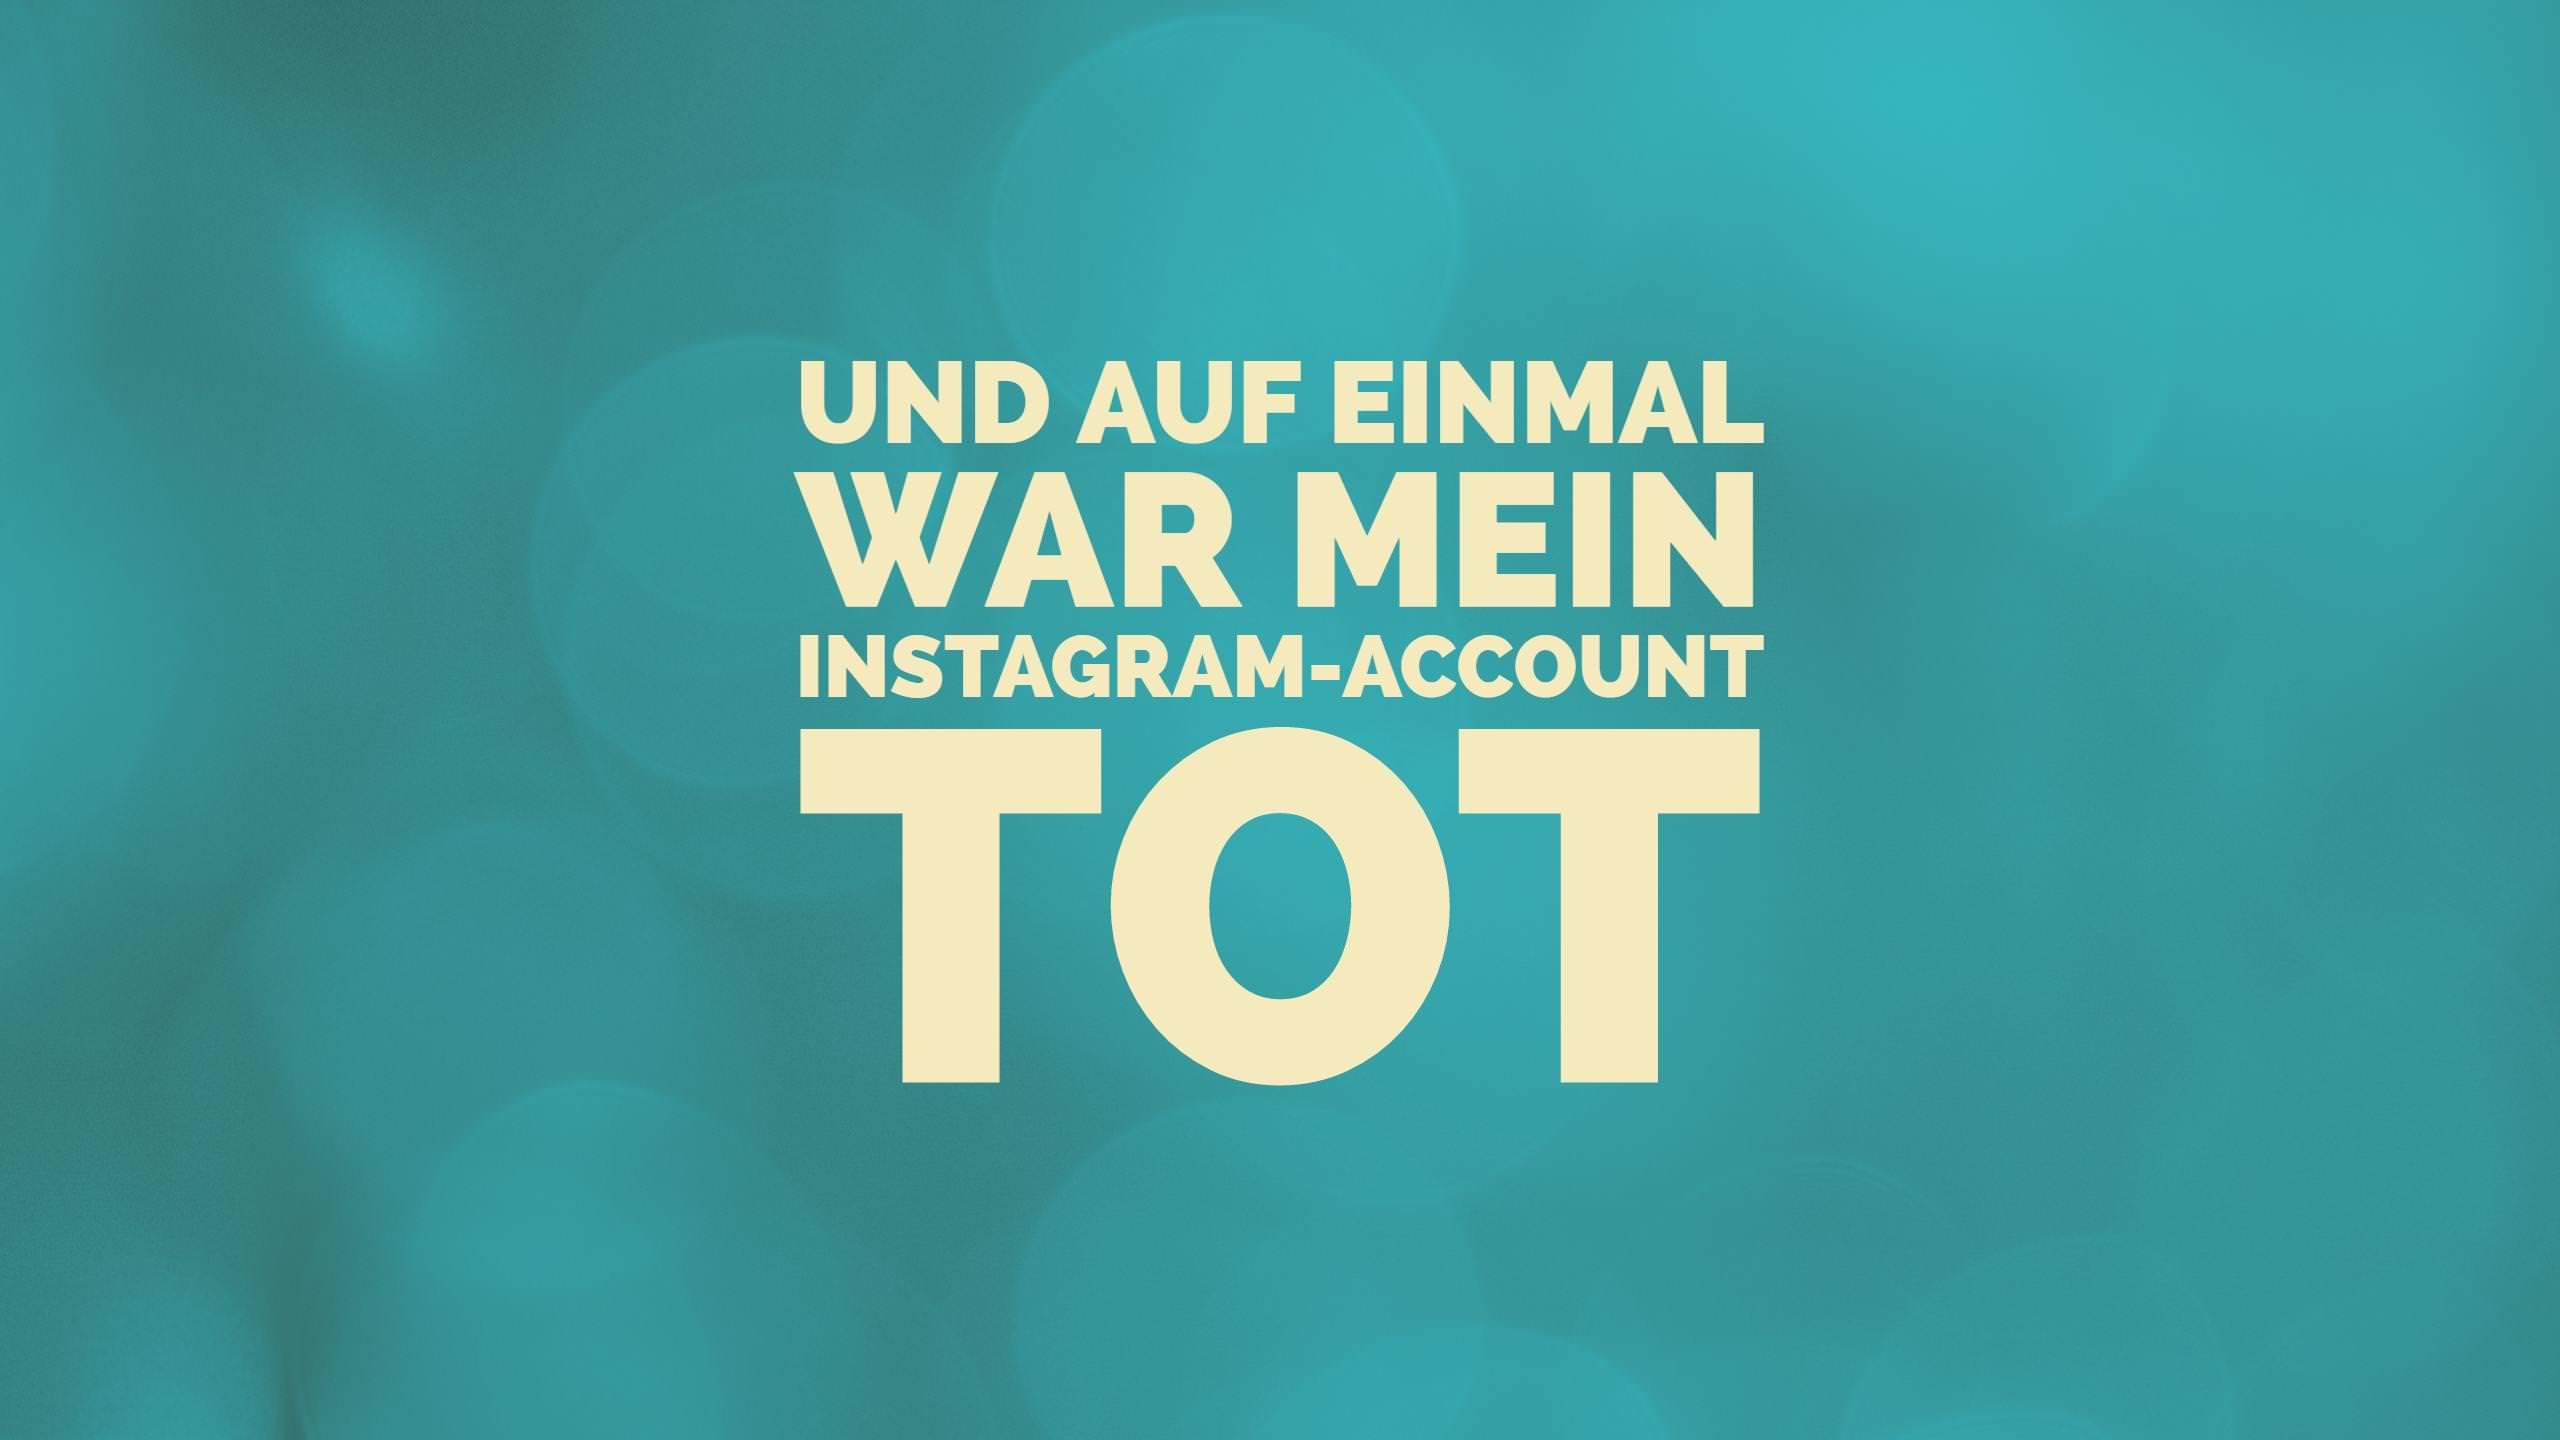 Und auf einmal war mein Instagram Account tot